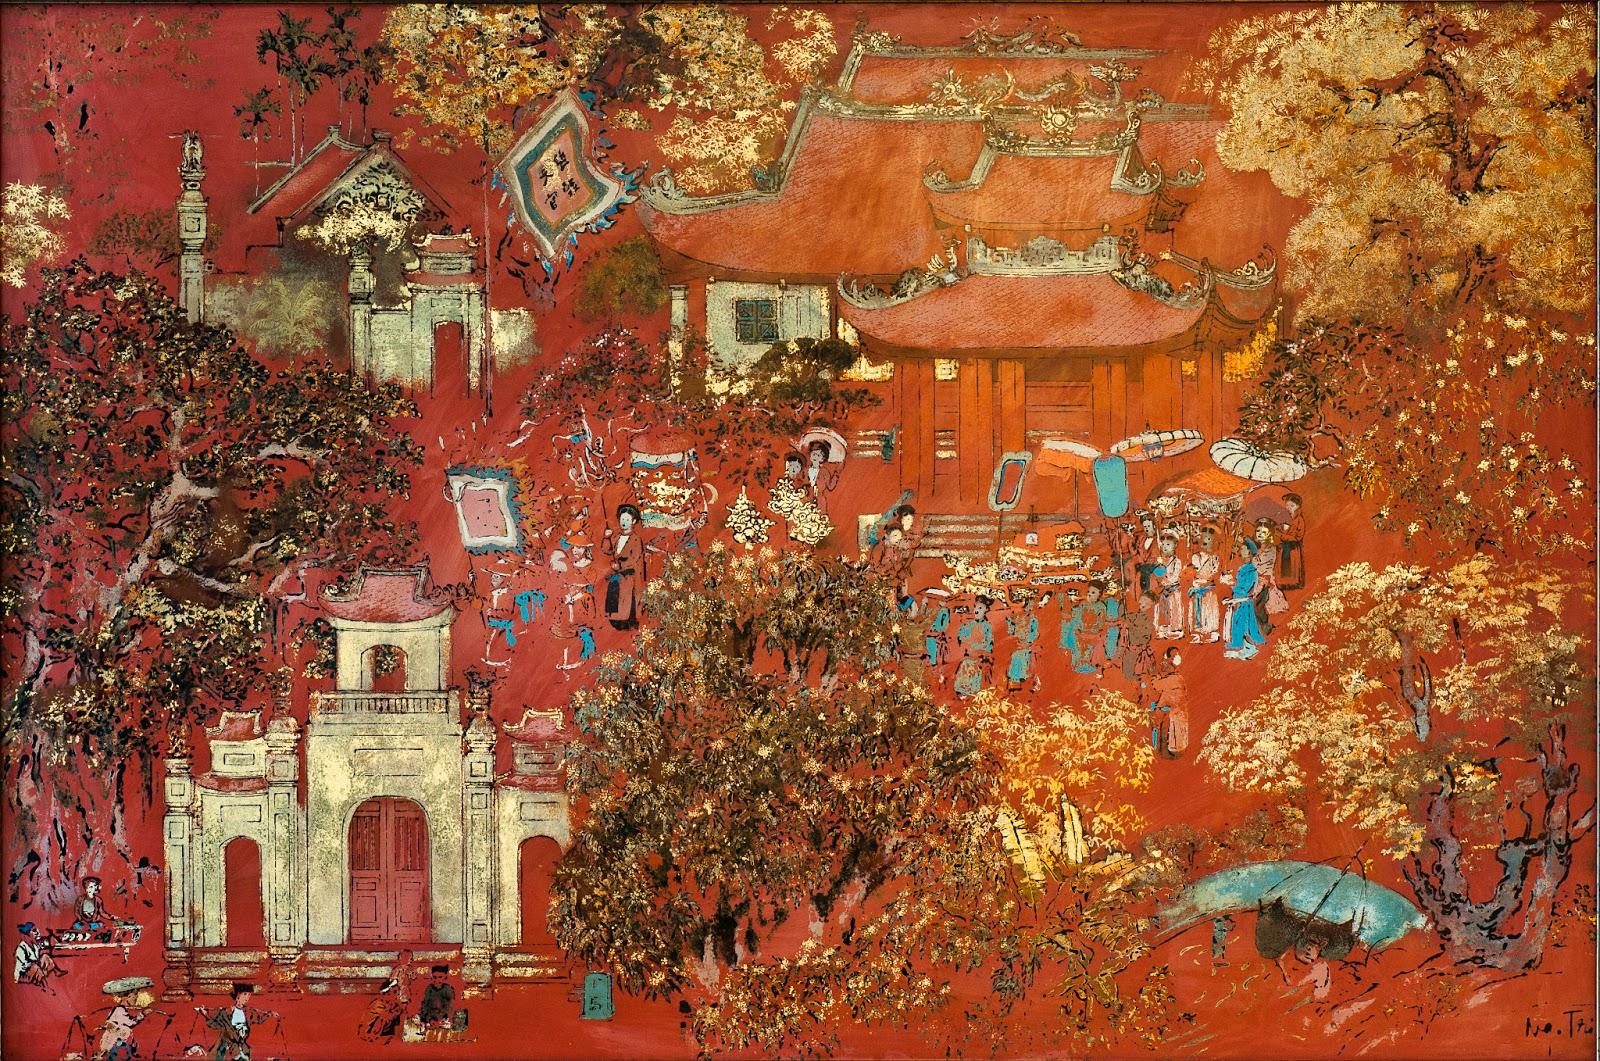 Vài suy nghĩ về tính truyền thống trong tranh sơn mài Việt Nam hiện đại